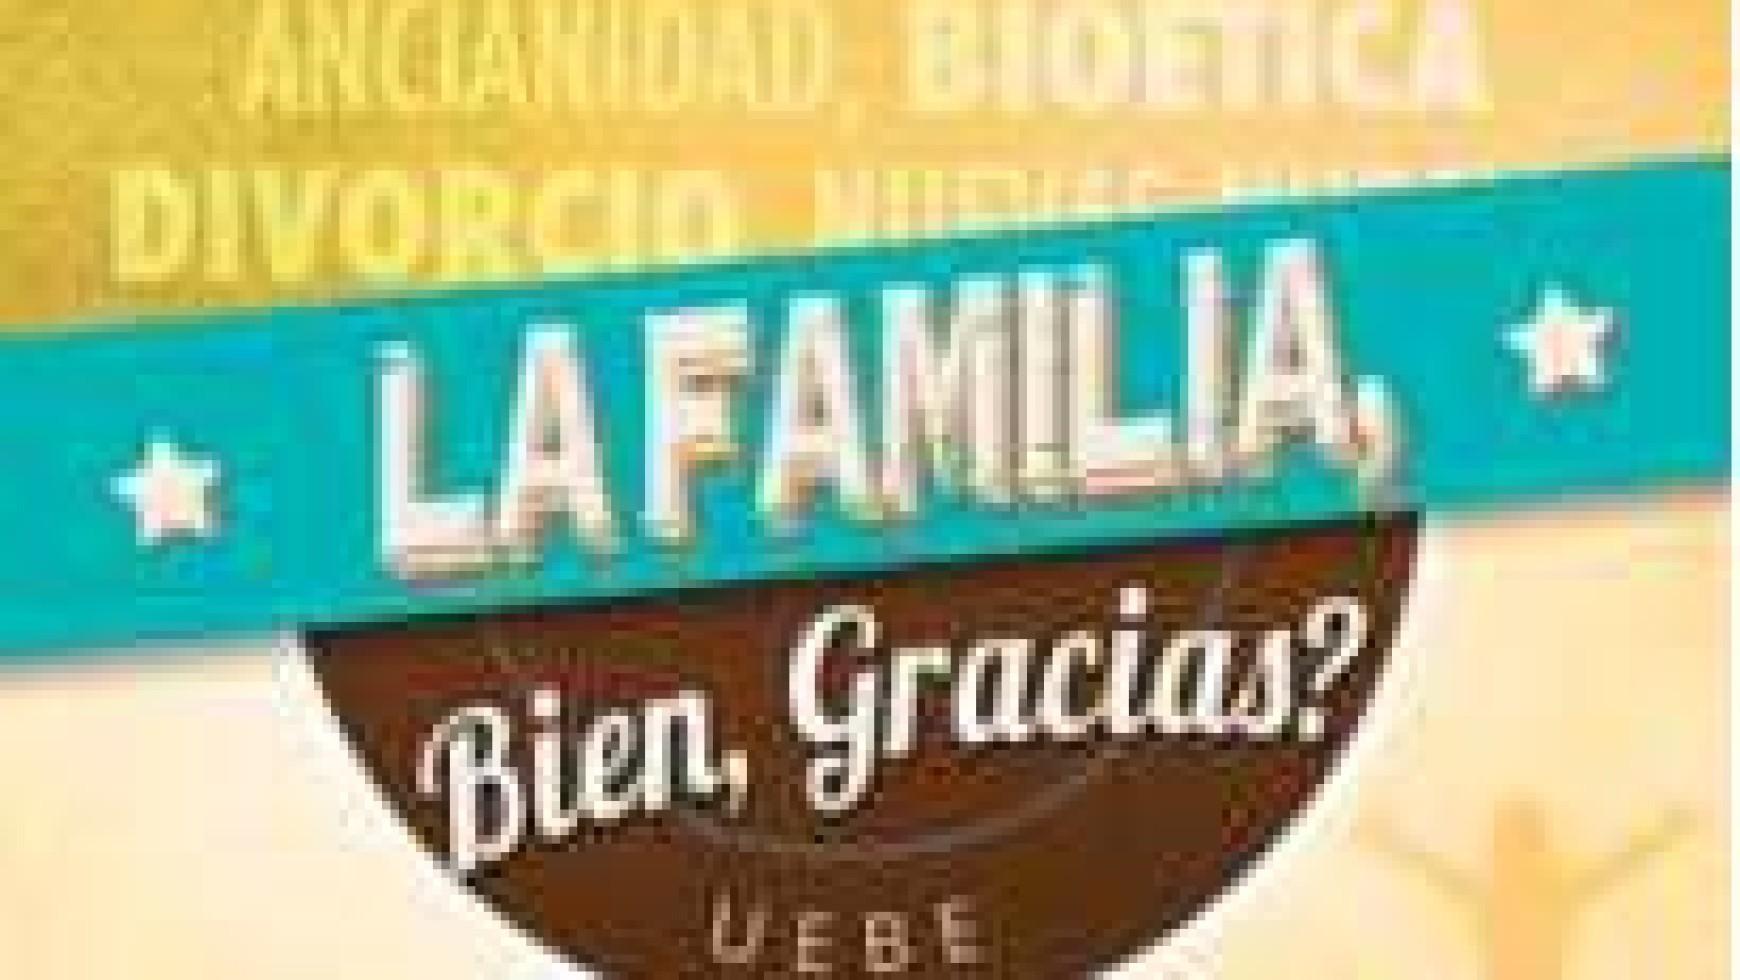 Boletin: La familia bien, gracias (14/10/2012)